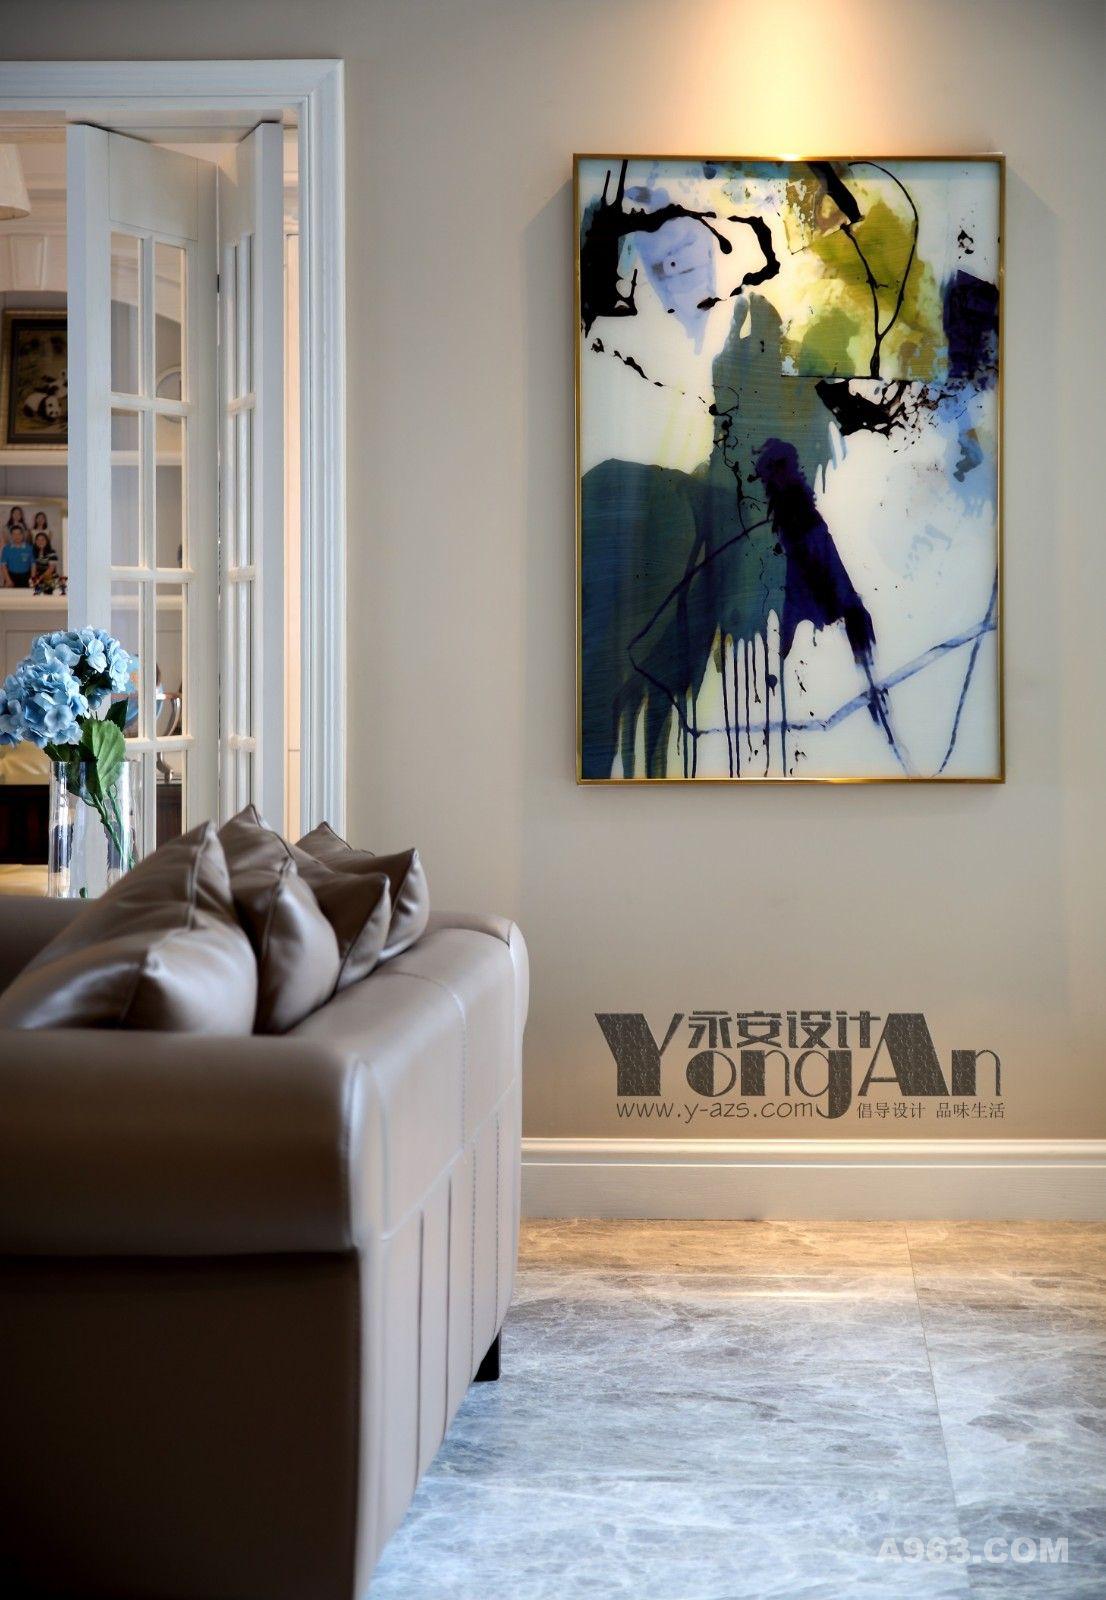 客厅一角:不须用心勾勒,随意挥洒便是风景。